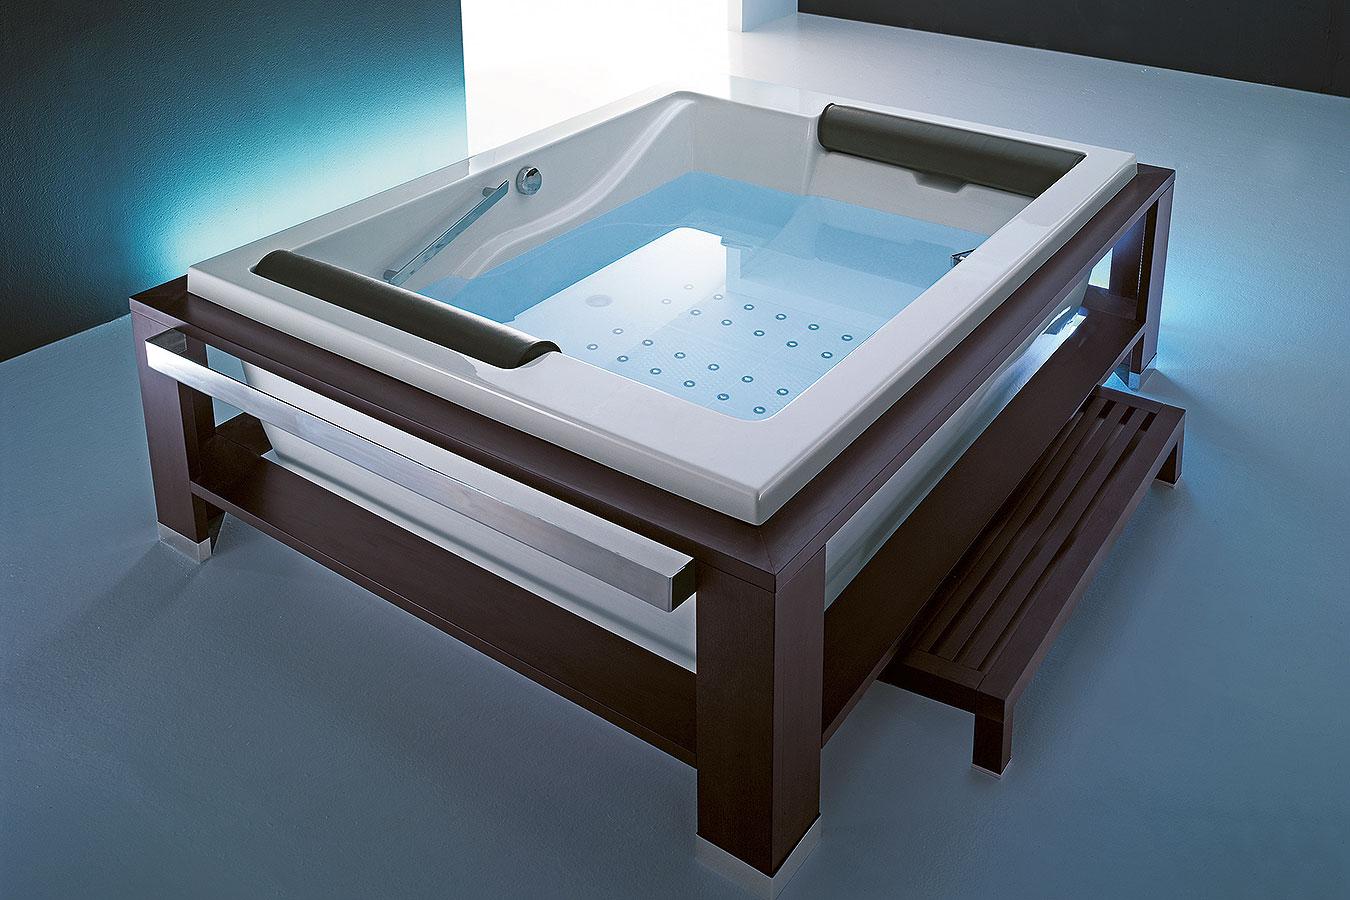 Dimensioni Vasche Da Bagno Misure : Vasche da bagno di piccole dimensioni vasche da bagno di piccole